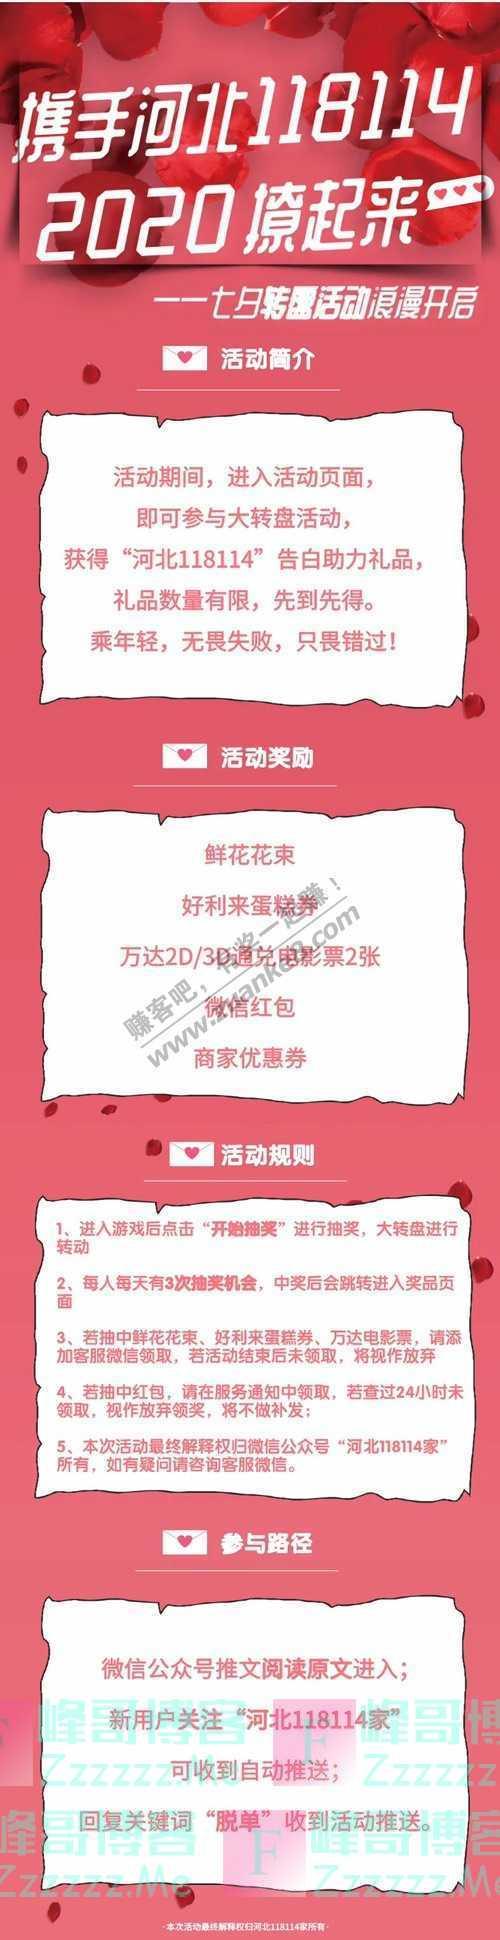 河北118114家活动福利 | 七夕转盘活动浪漫来袭!(8月19日截止)